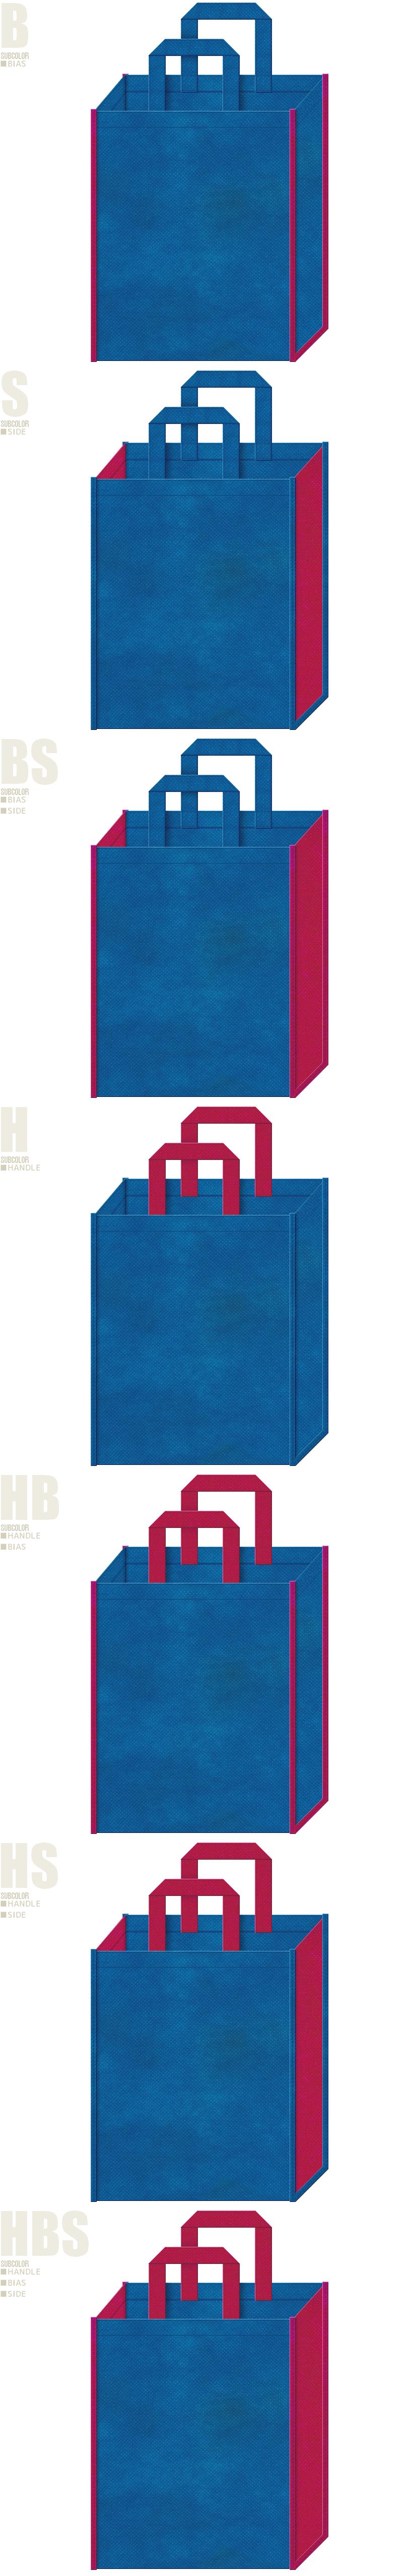 おもちゃ・テーマパーク・ロボット・ラジコン・ホビーの展示会用バッグにお奨めの不織布バッグデザイン:青色と濃いピンク色の不織布バッグ配色7パターン